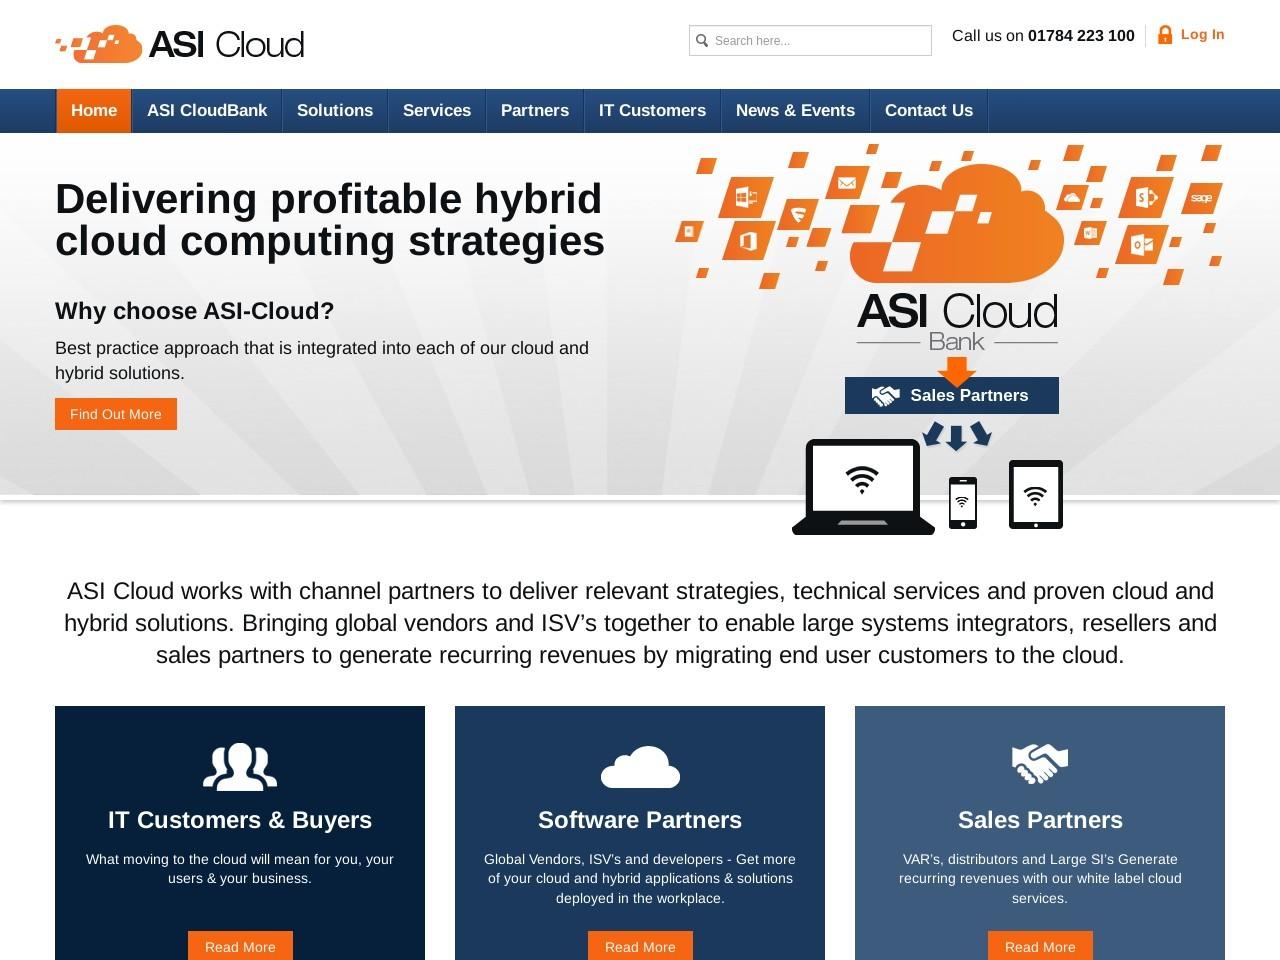 ASI Cloud